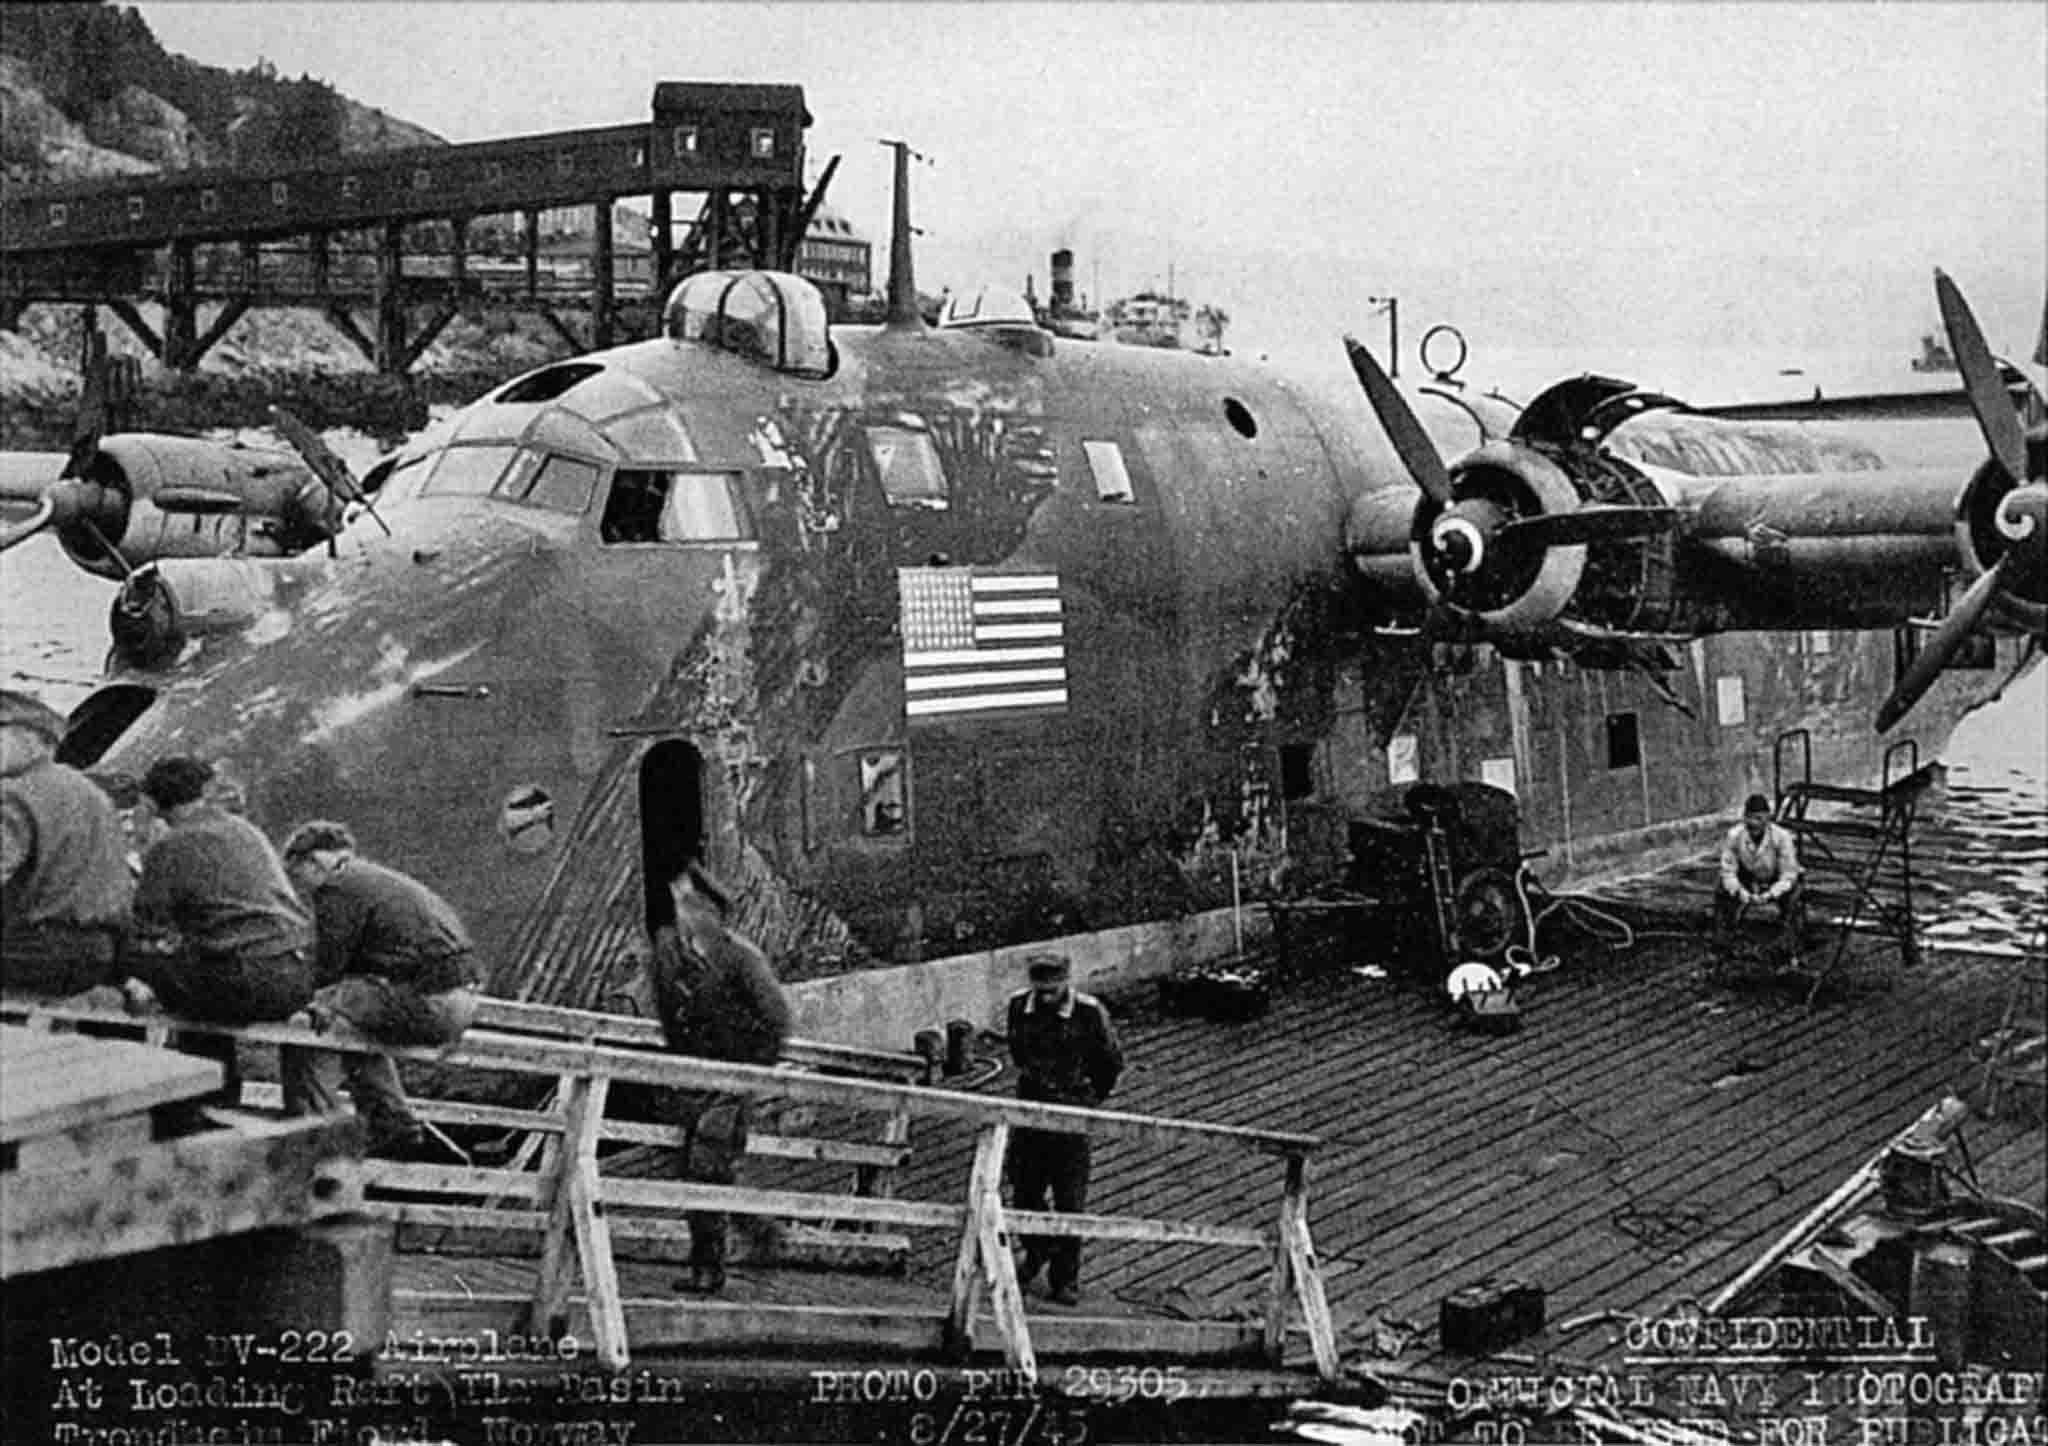 Bv-222 V-2 Viking